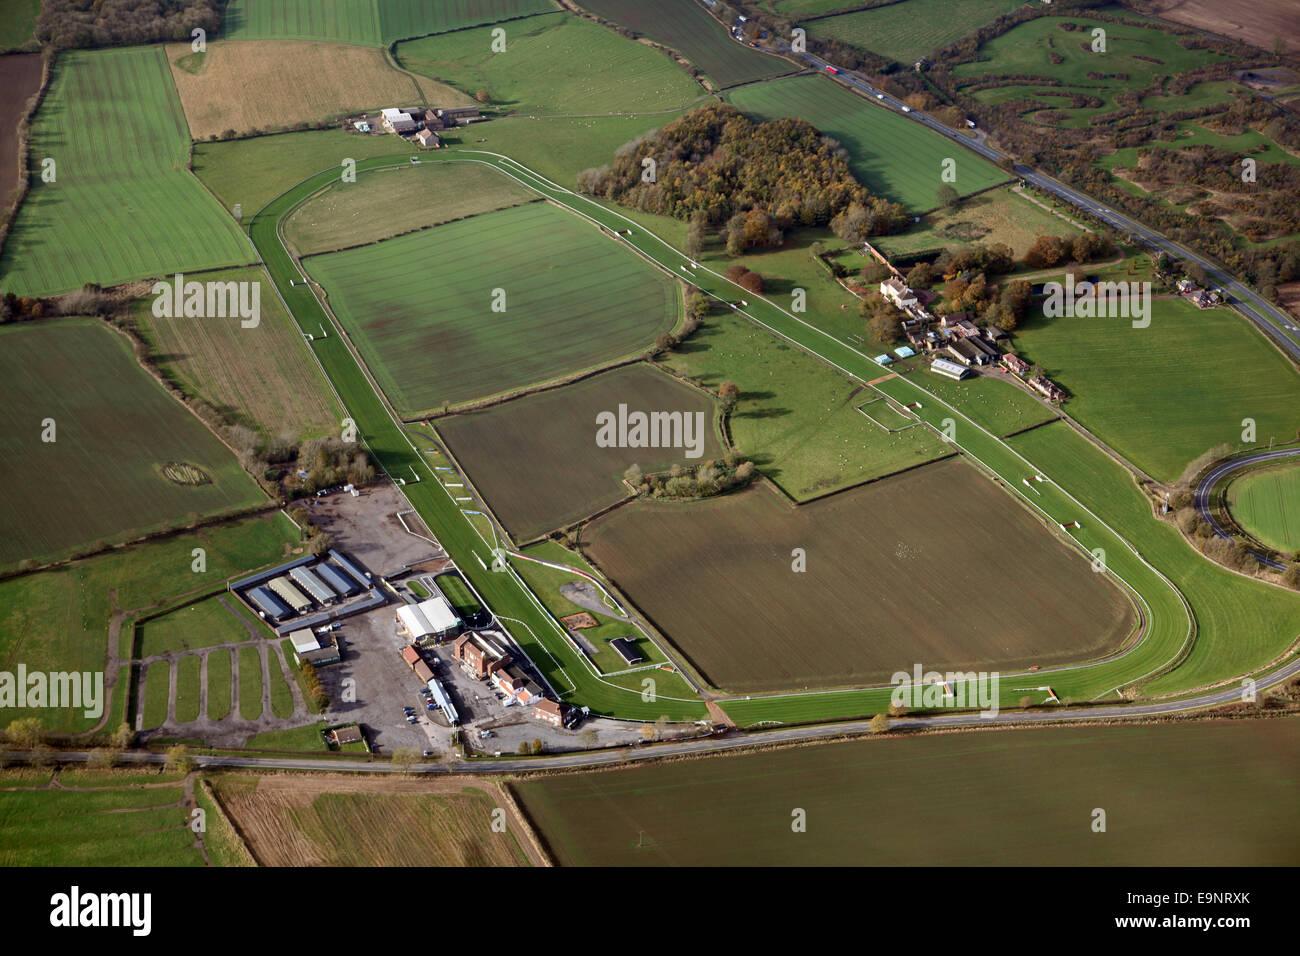 Vista aérea de Sedgefield hipódromo en el noreste de Inglaterra, Reino Unido. Imagen De Stock